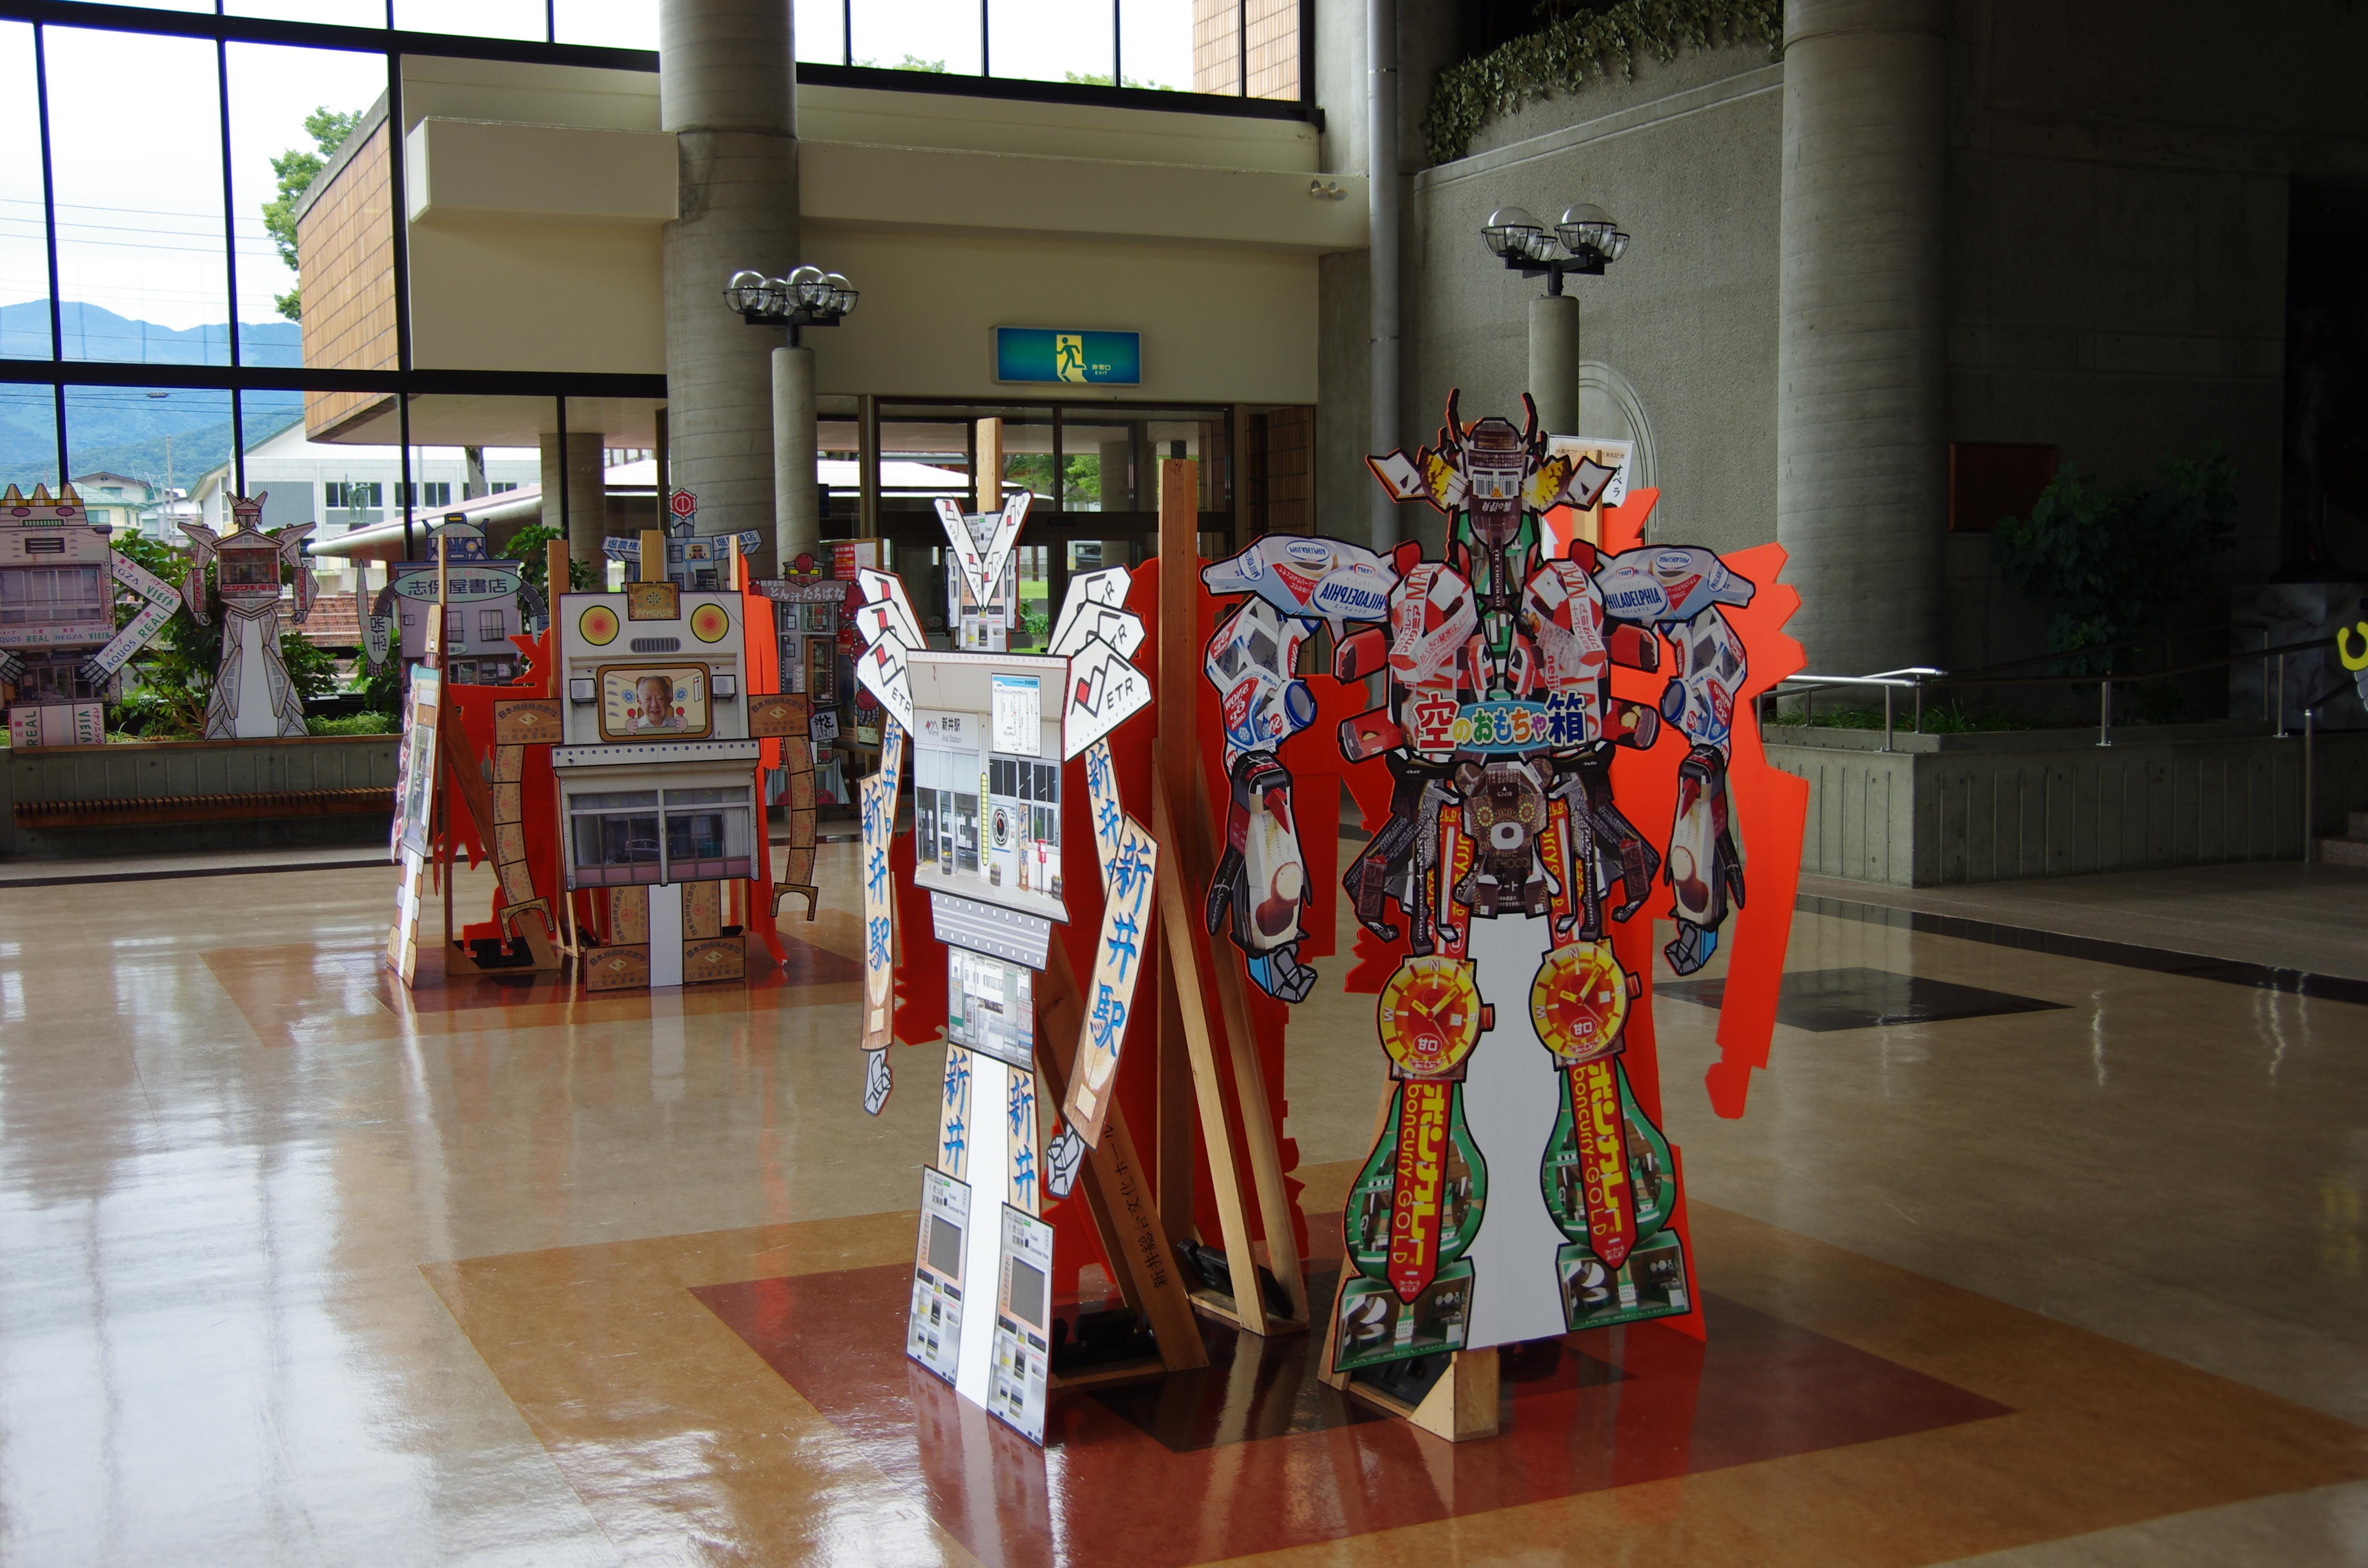 0908_ロボット看板大集合! (18)